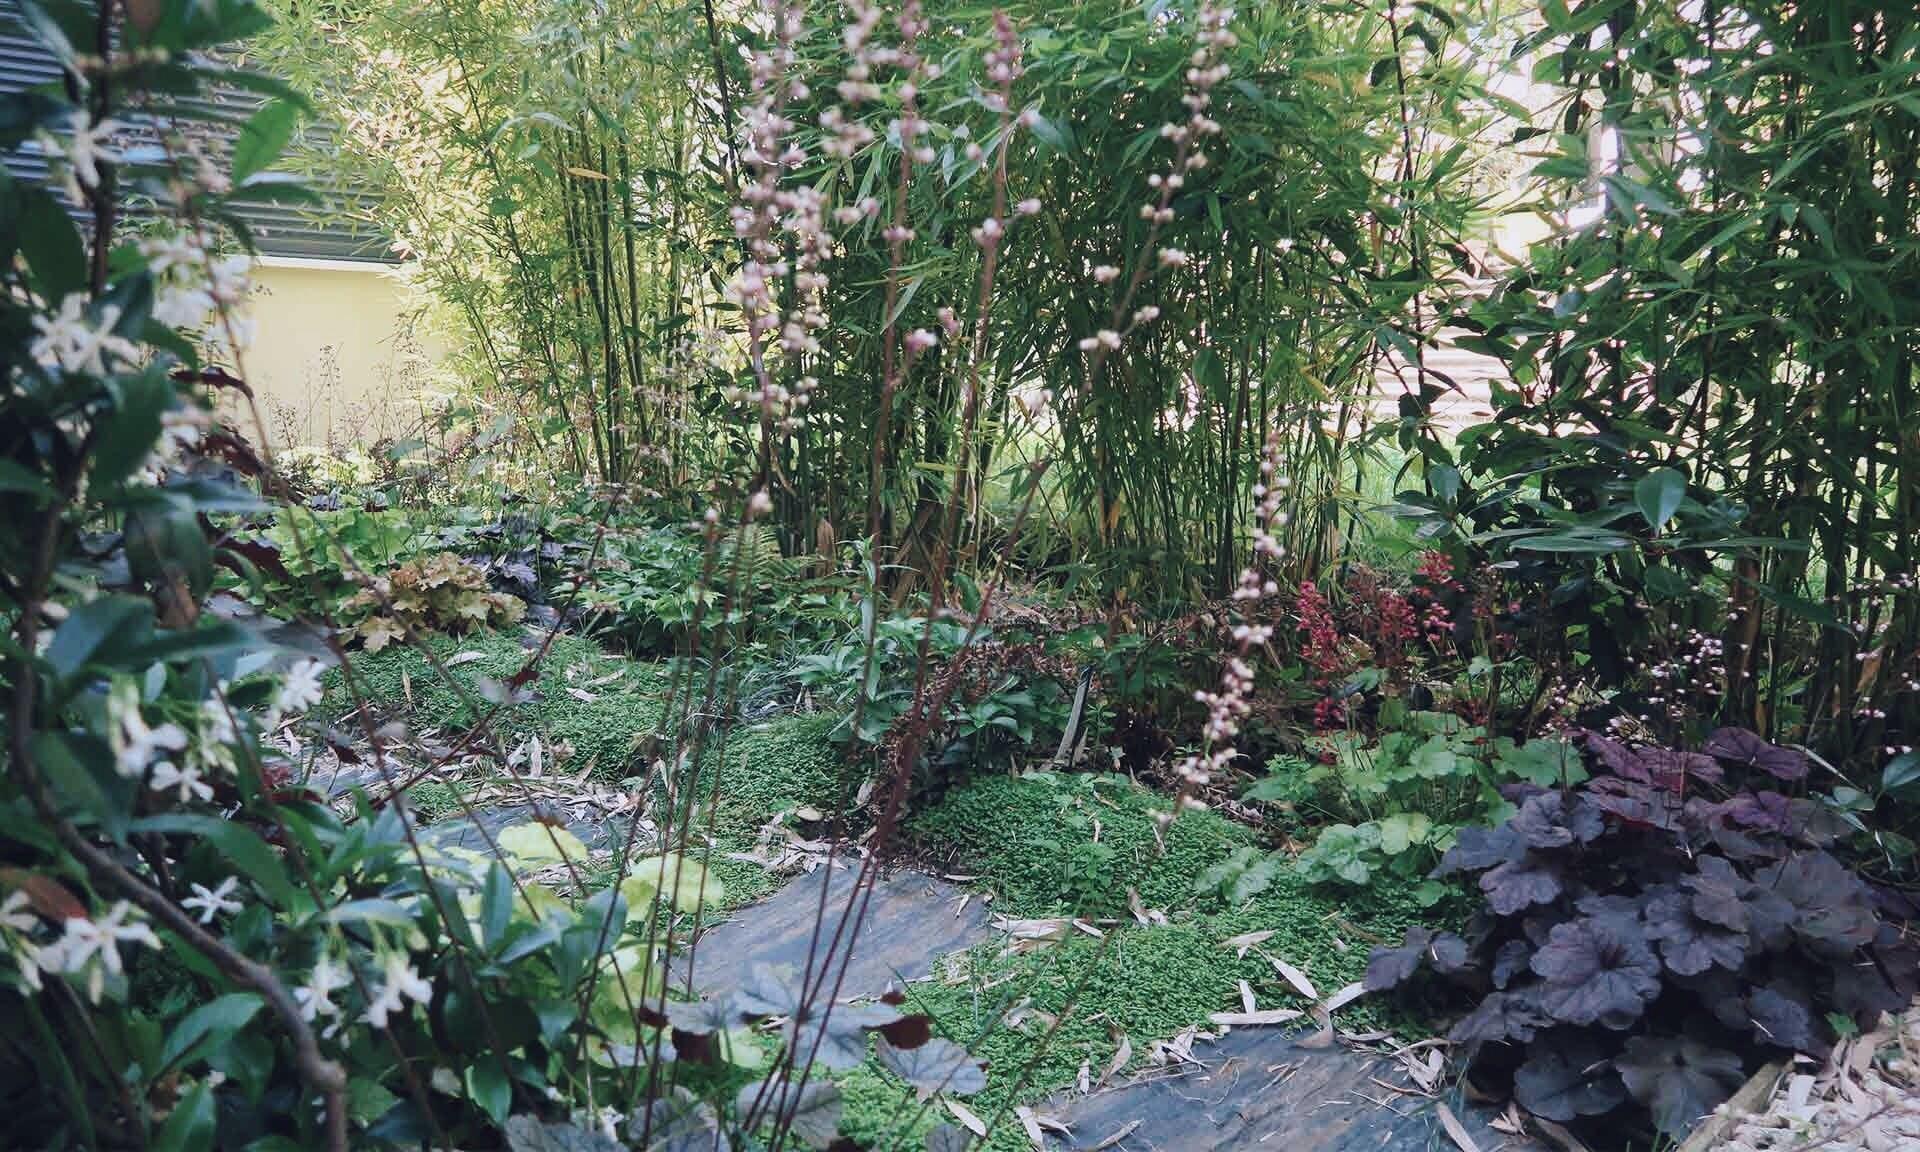 02_Nordscape_accueil_jardin-vivaces-chemin-ardoise-1